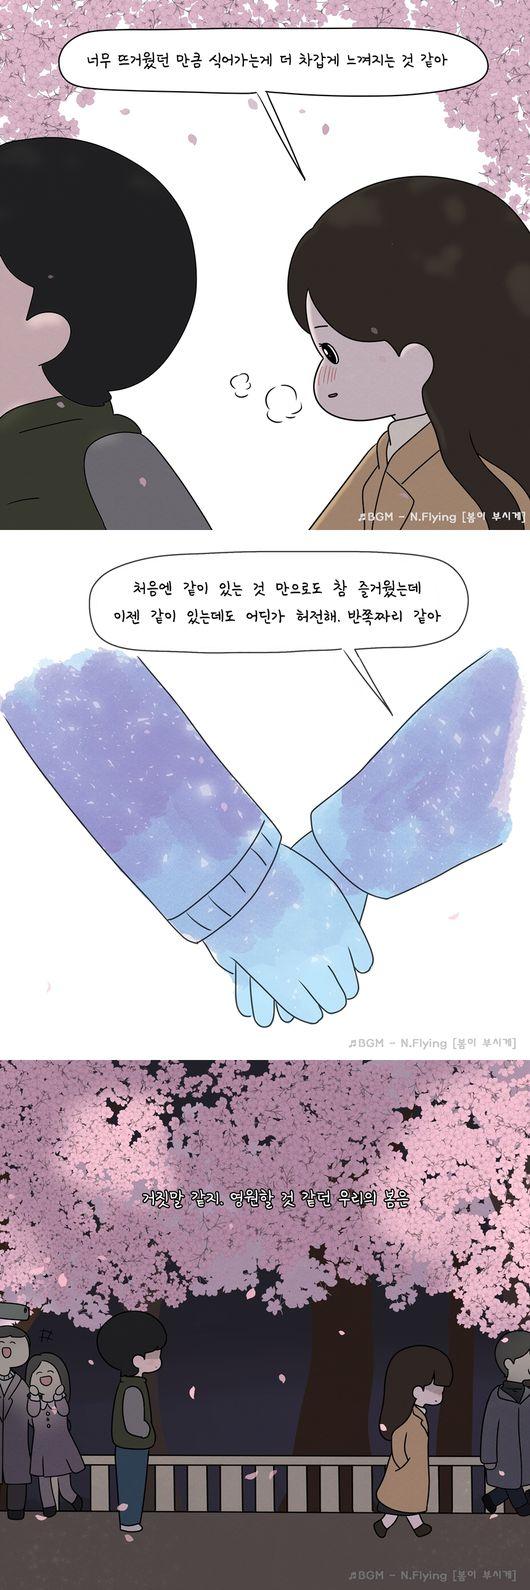 [사진] FNC엔터테인먼트 제공